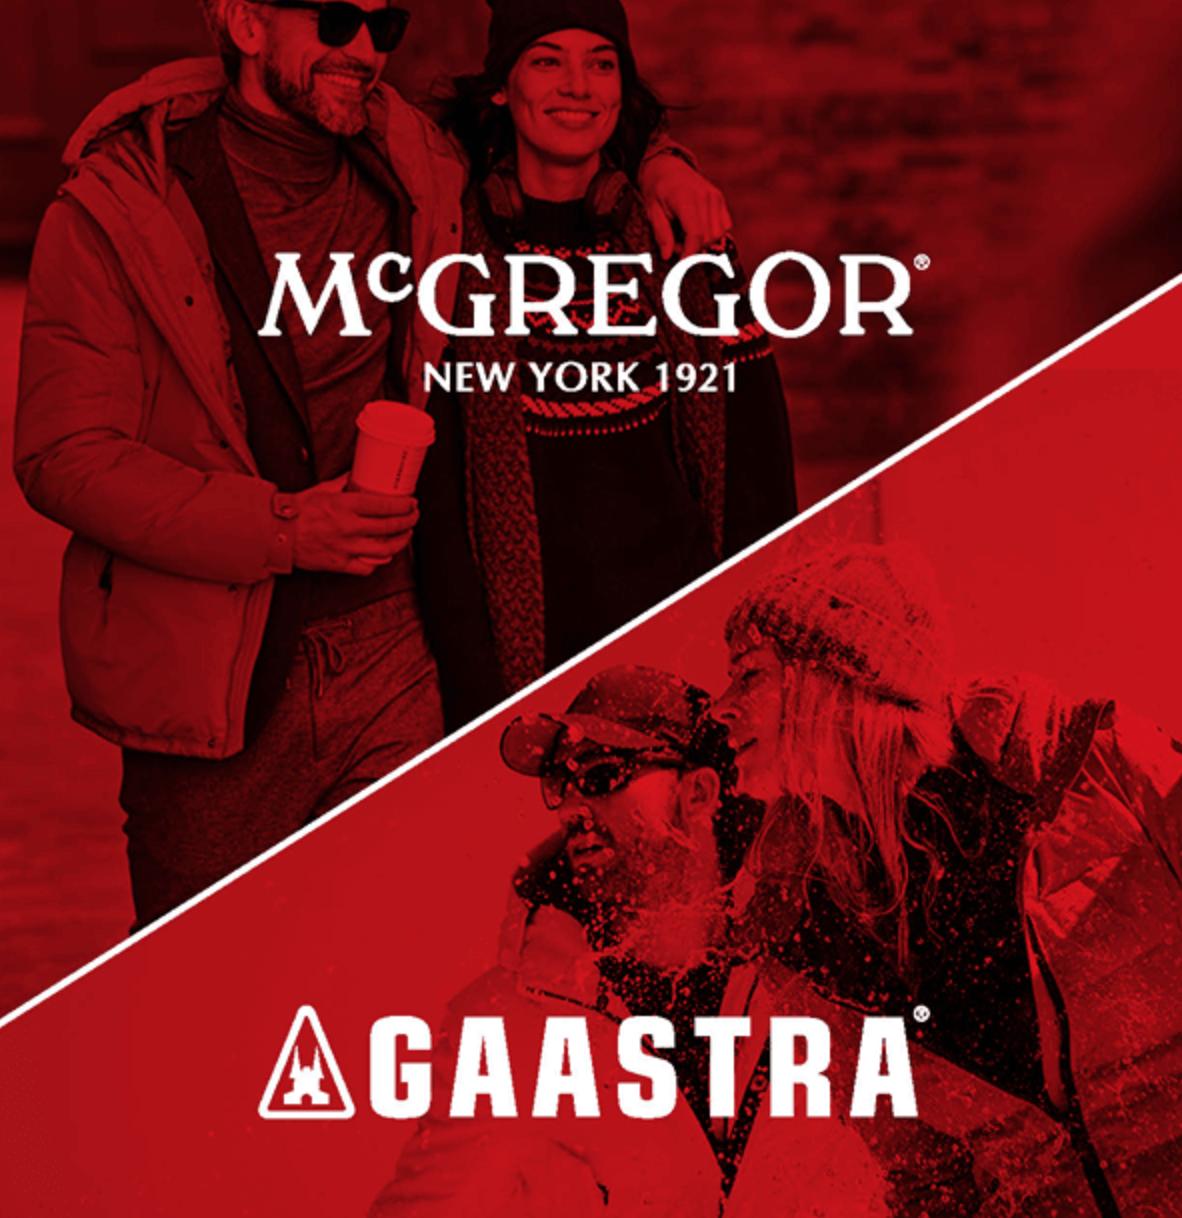 50% korting op alles @ McGregor/Gaastra